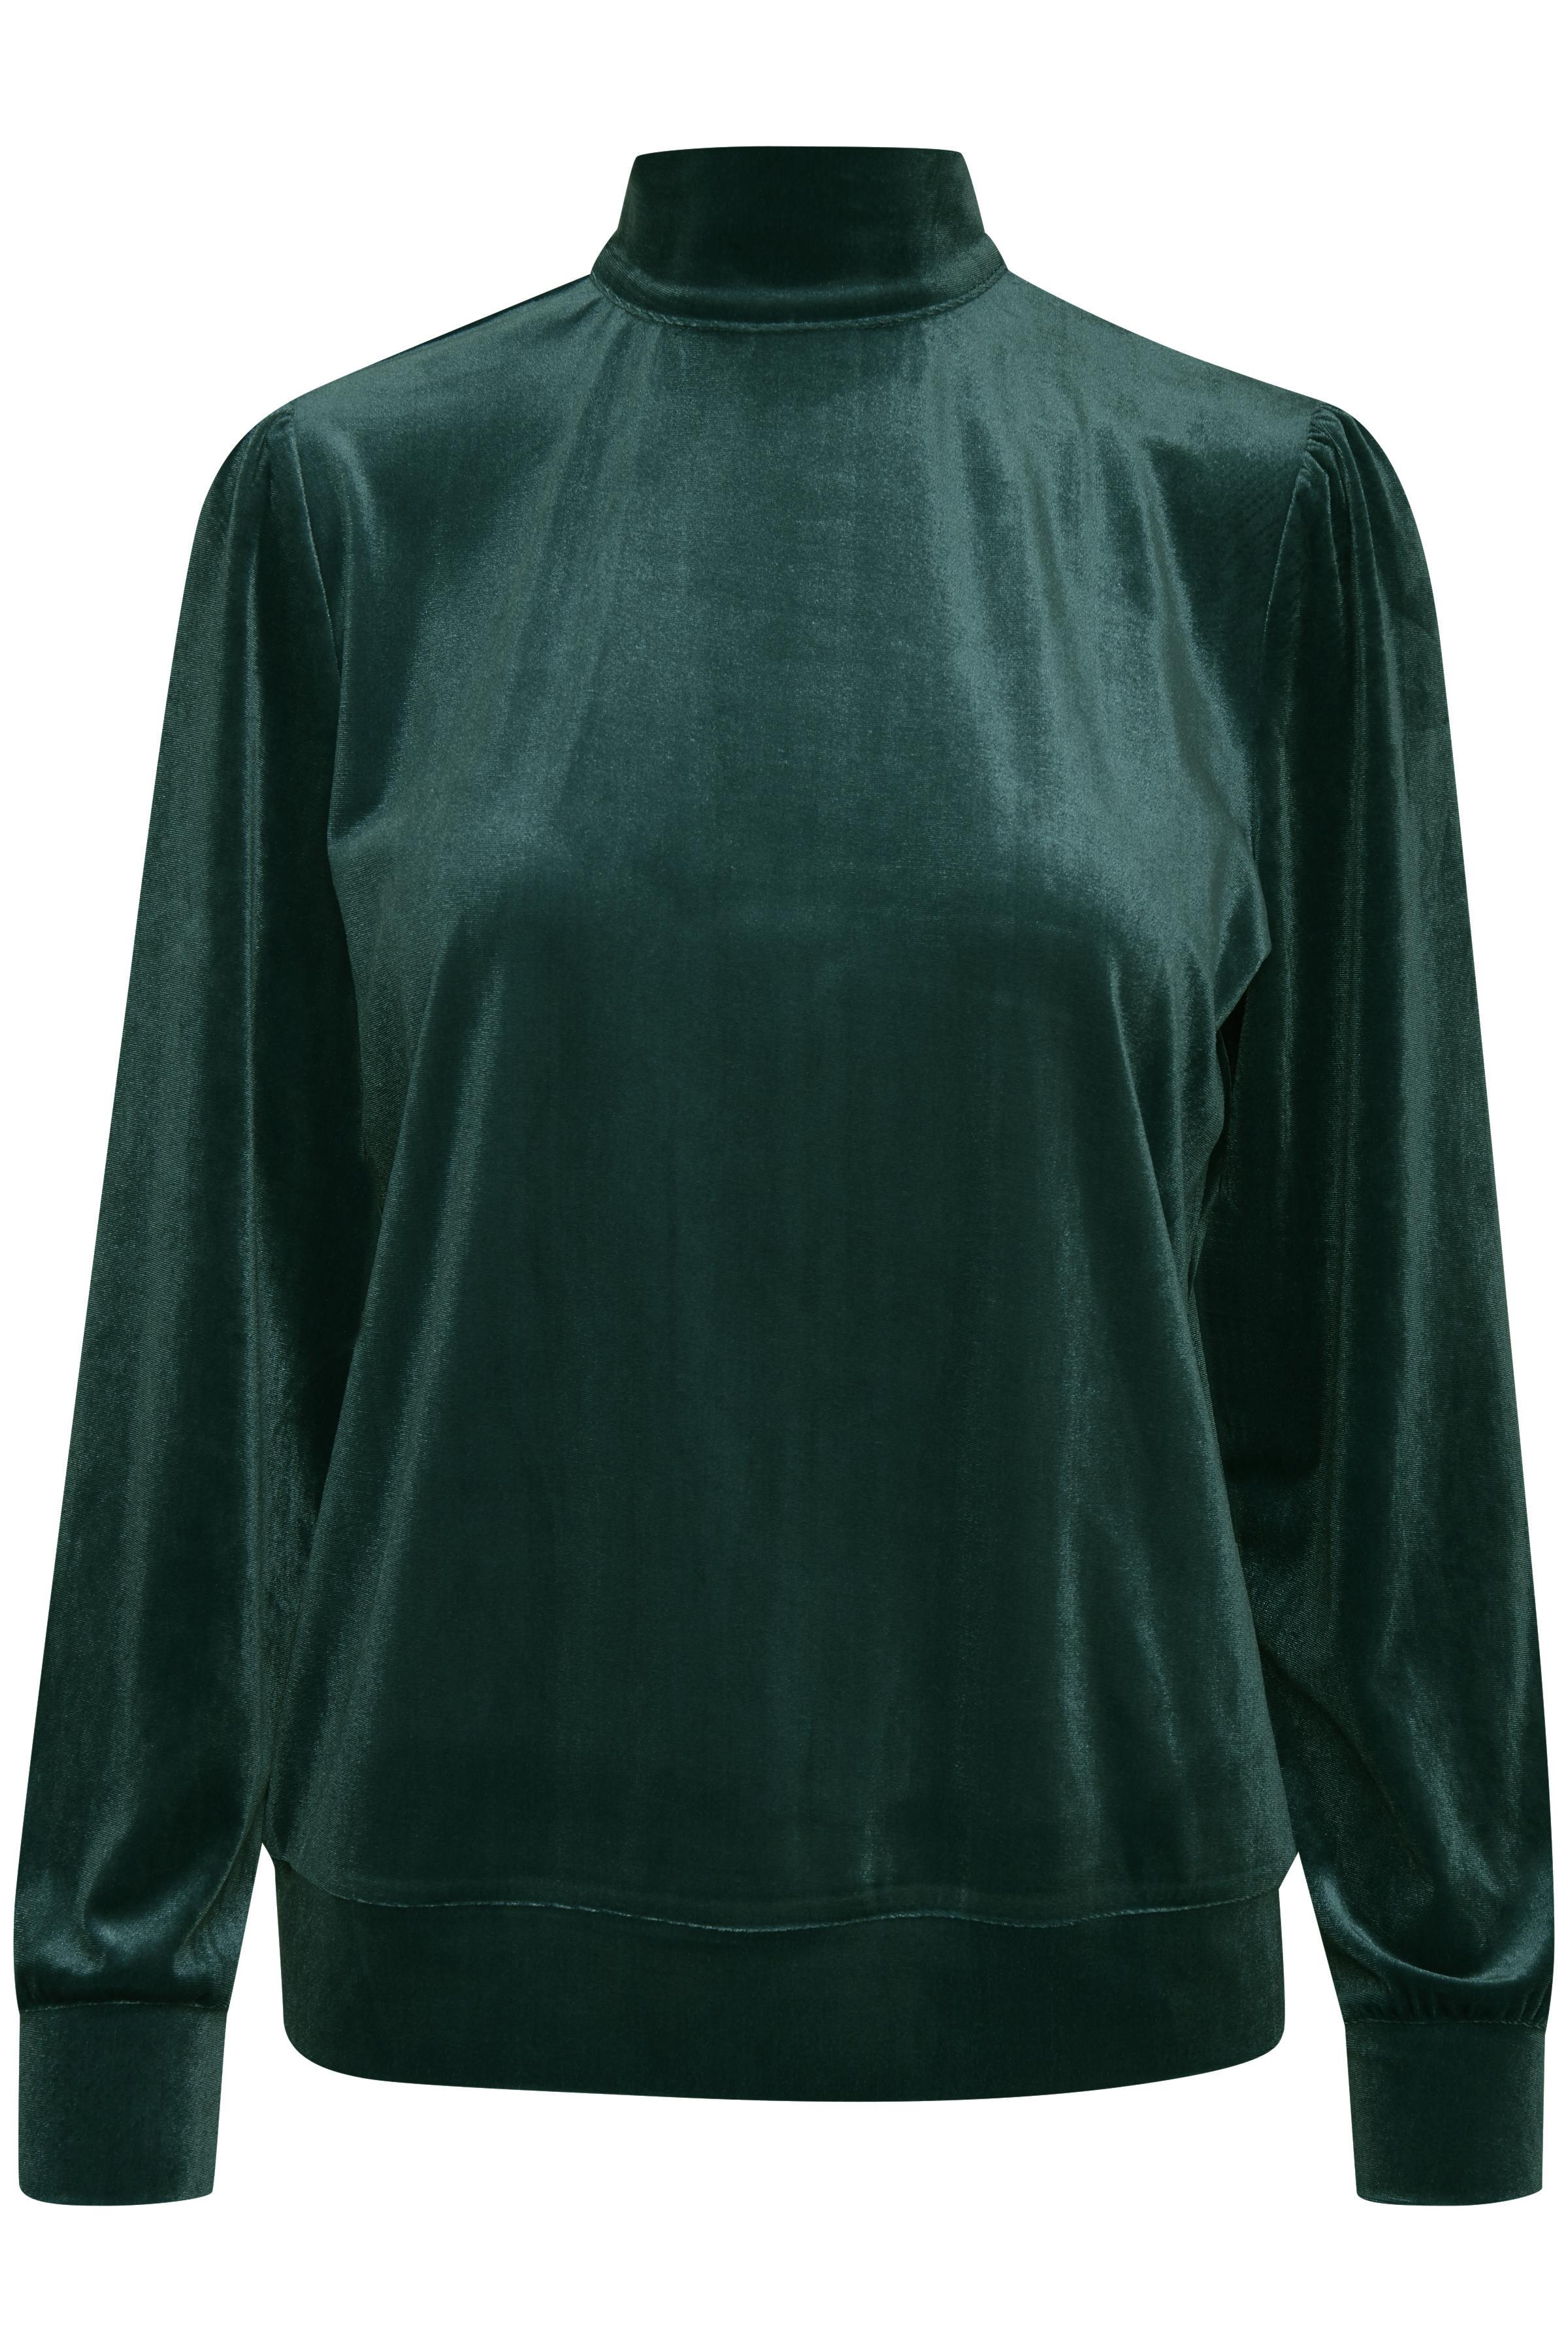 Majestic Green Strikpullover fra b.young – Køb Majestic Green Strikpullover fra str. XS-XL her